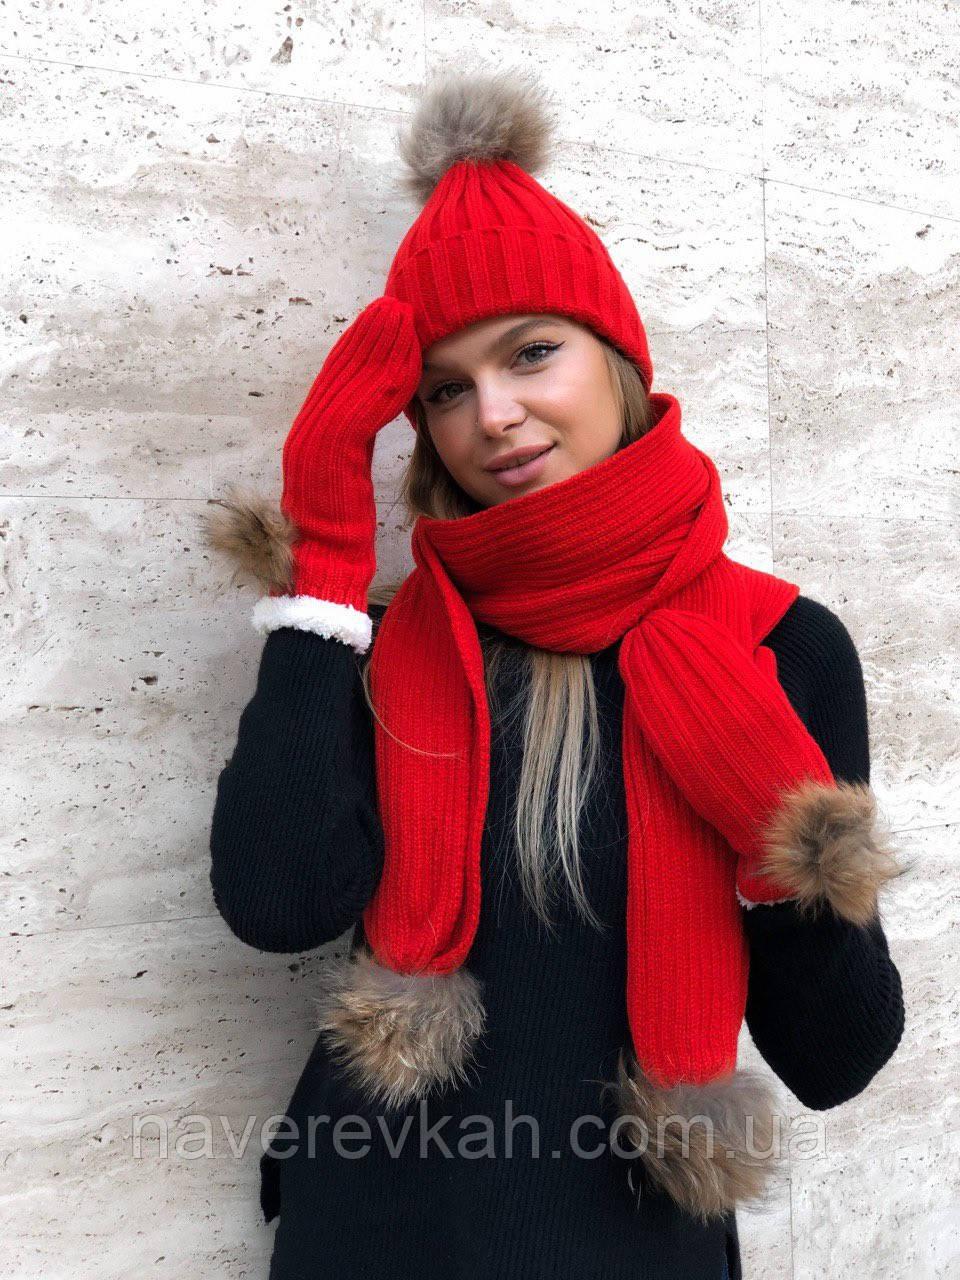 Женский зимний теплый набор шапка+шарф+перчатки черный красный молочный серый